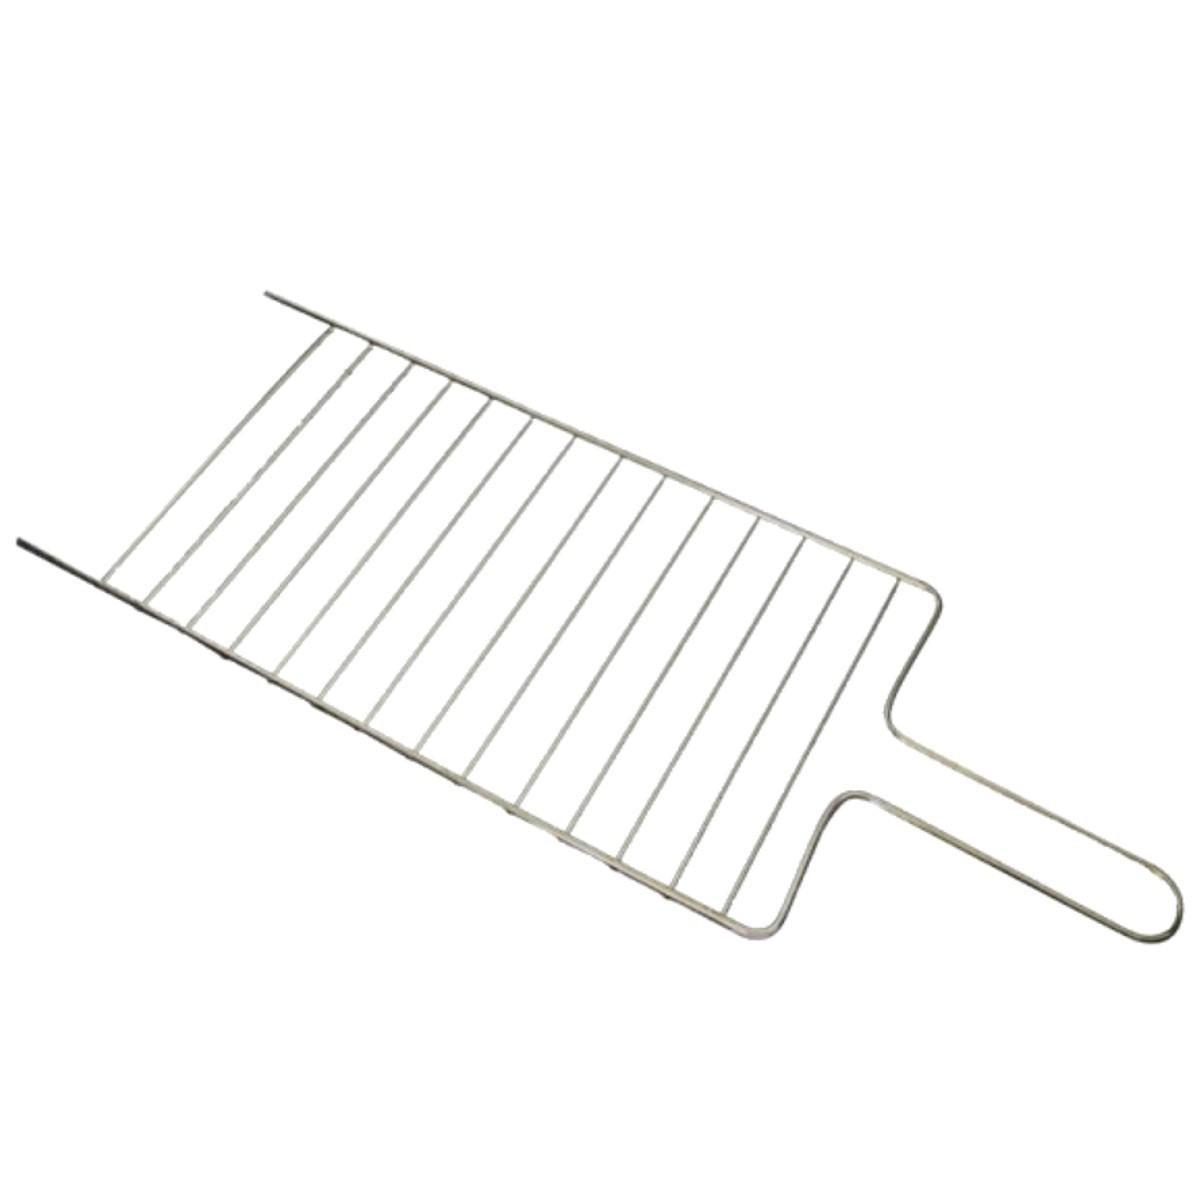 Grelha Parrilha Simples Para Churrasqueira 18x50 Cm  - Panela de Ferro Fundido